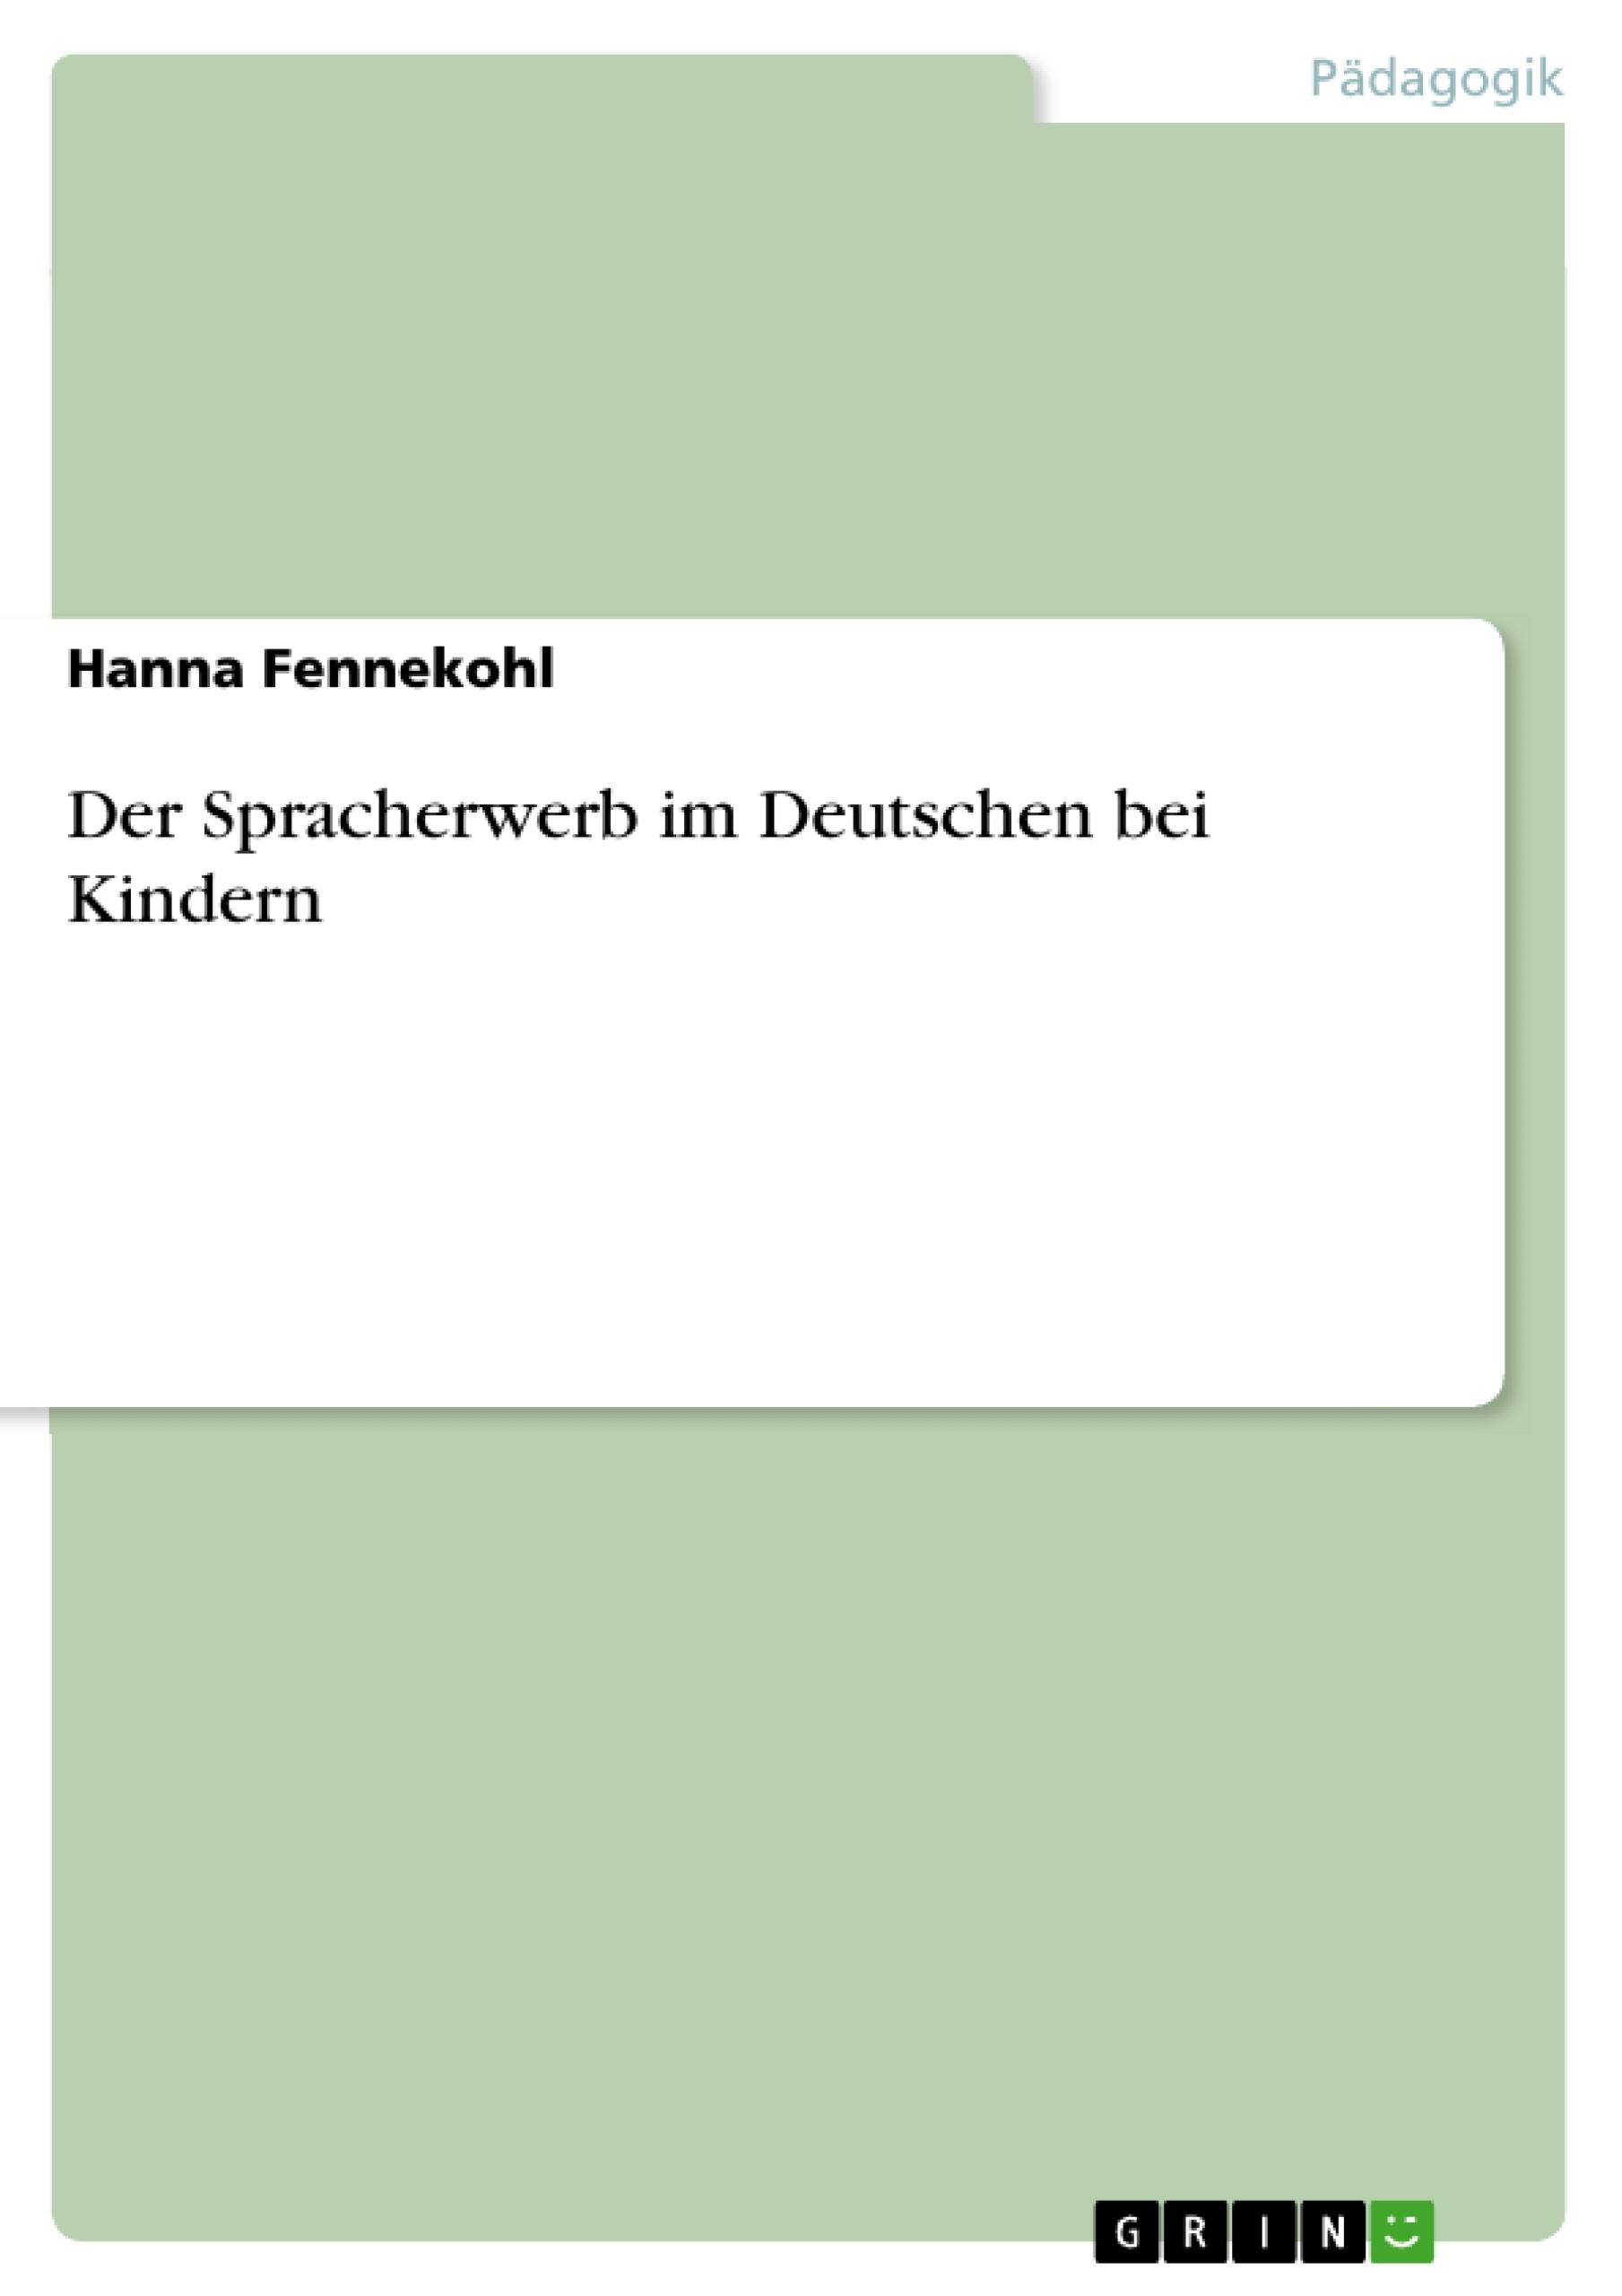 Titel: Der Spracherwerb im Deutschen bei Kindern